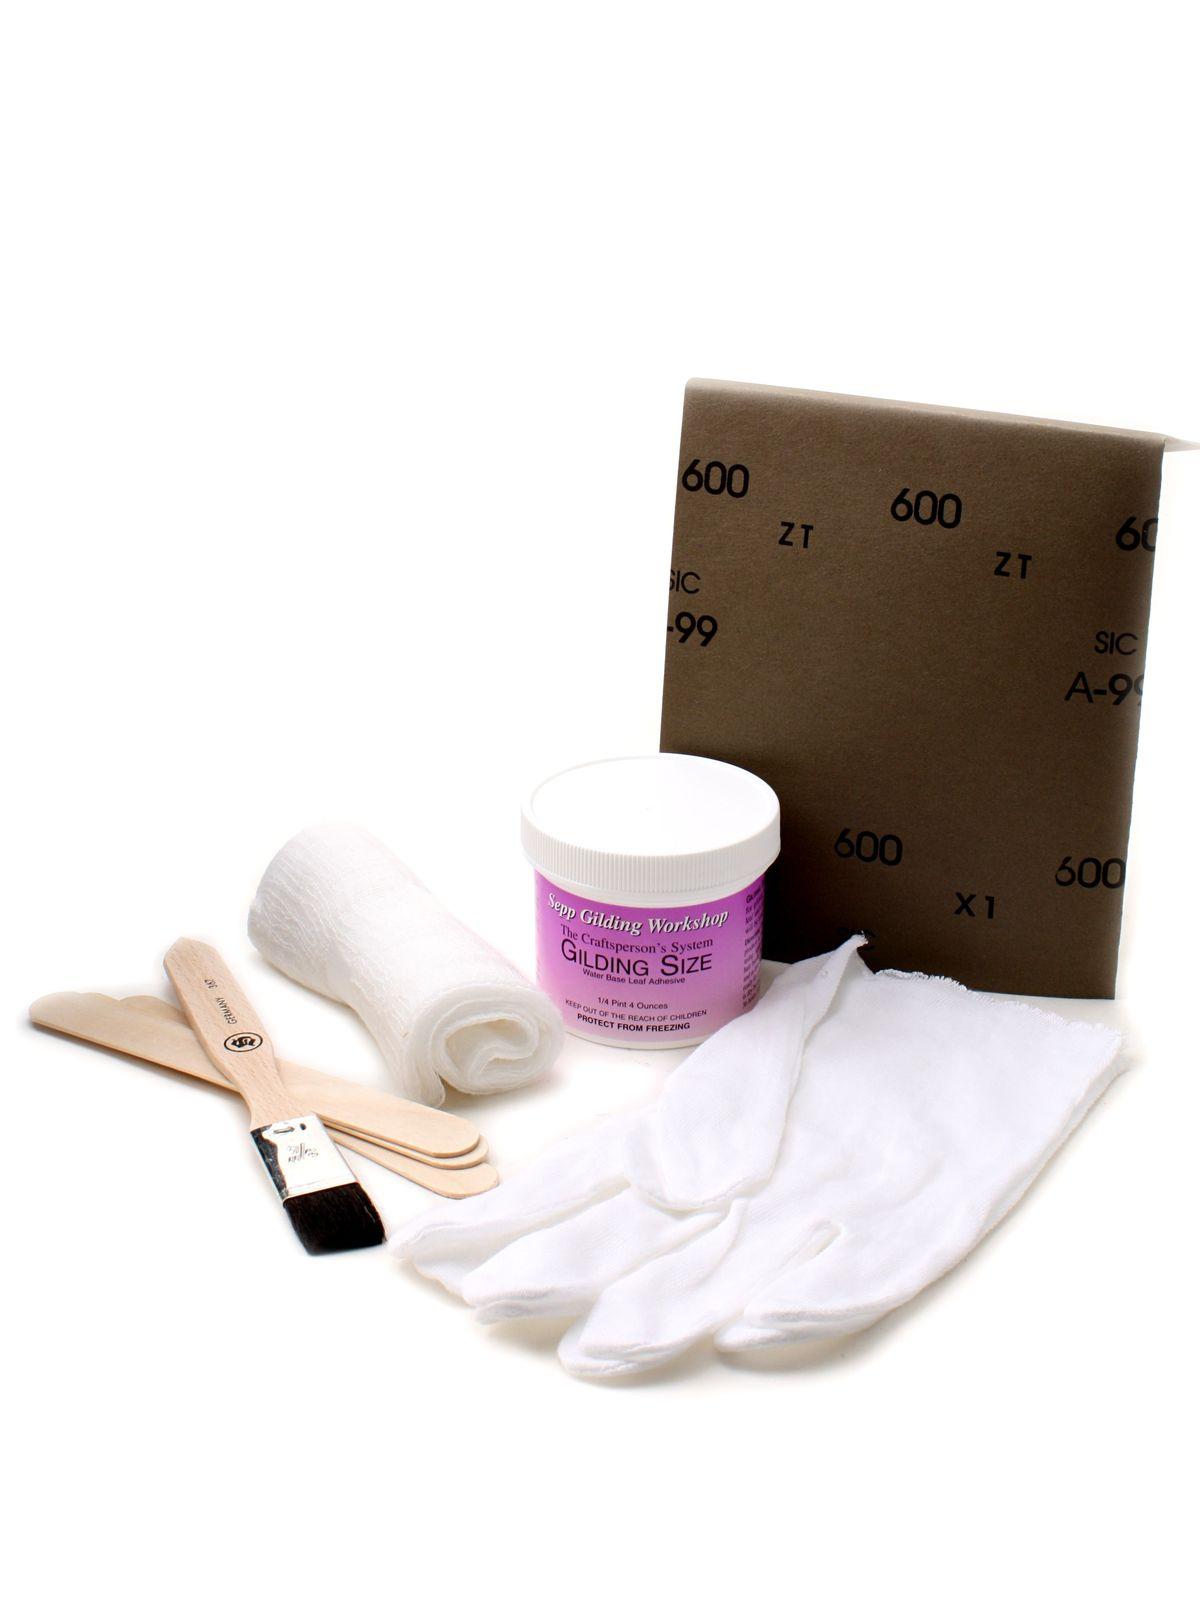 Sepp - Basic Gilding Kit